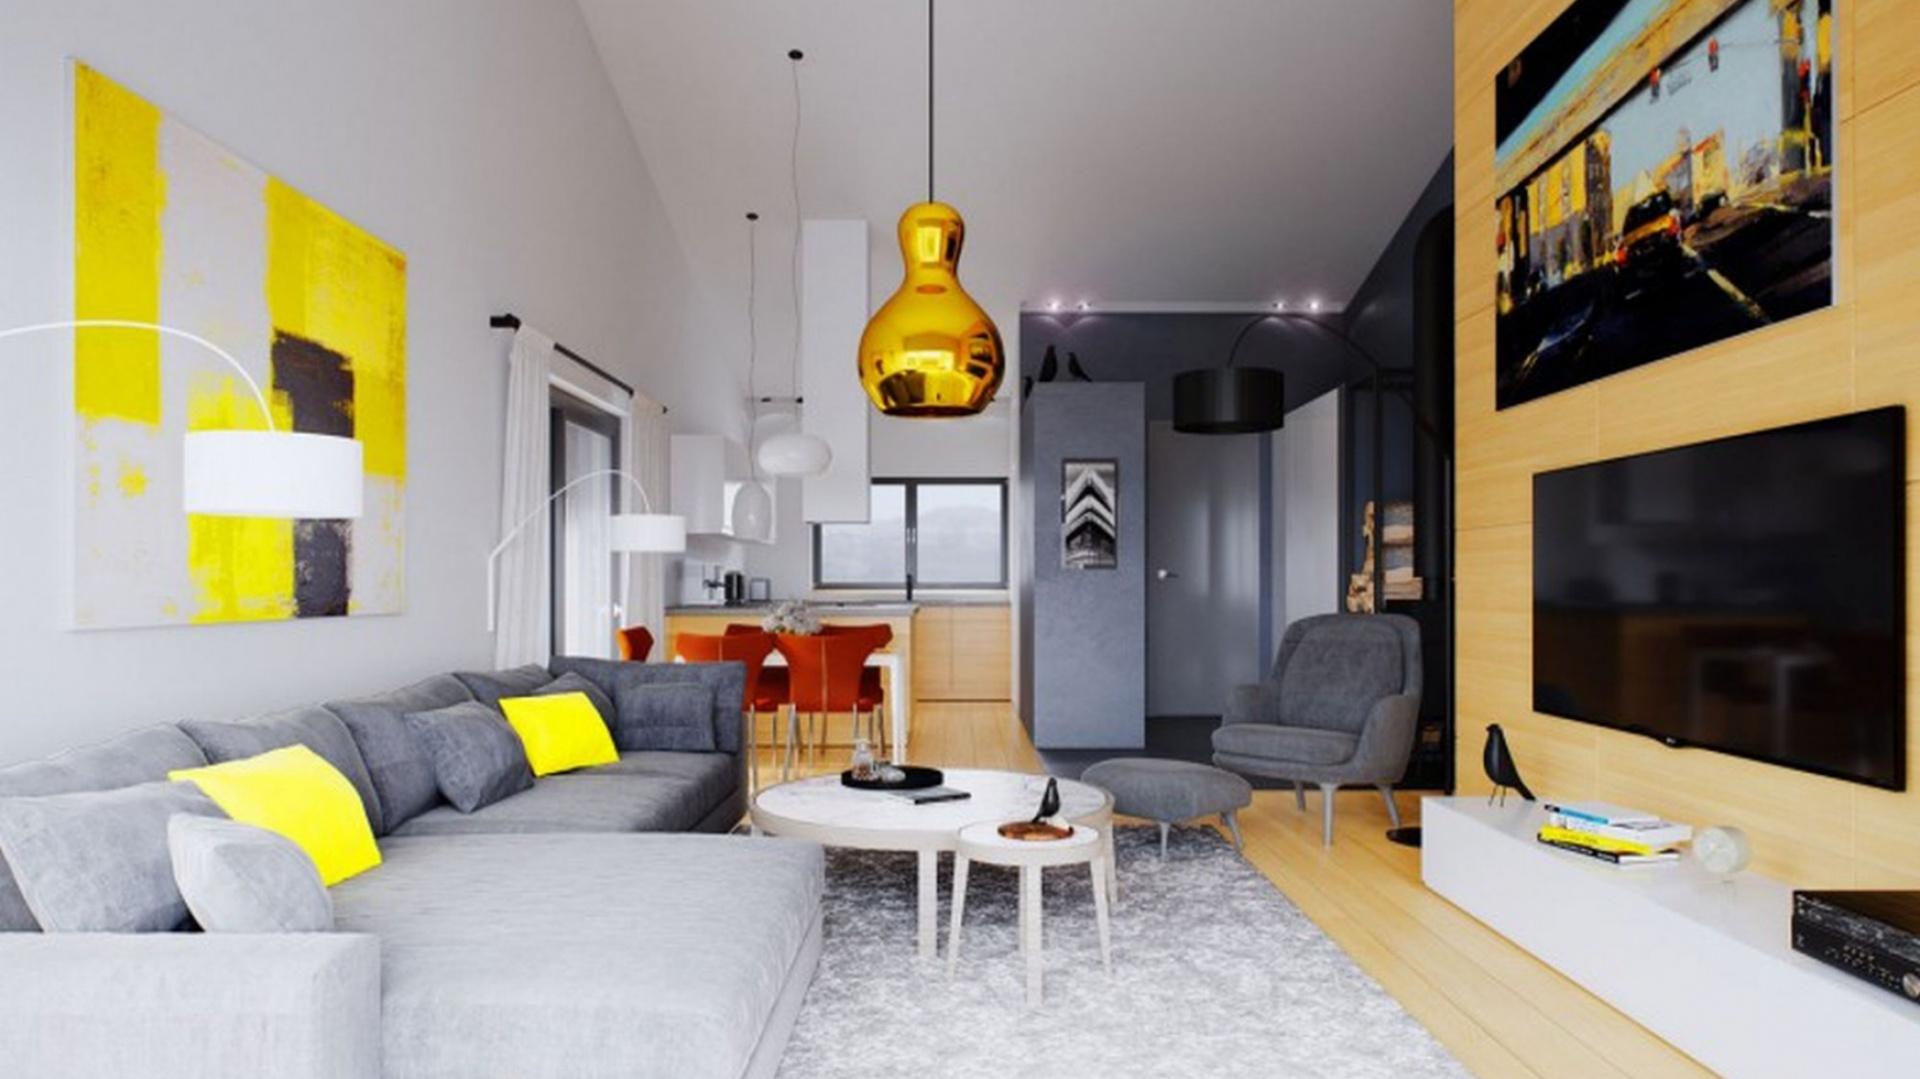 Uwagę zwraca duży rodzinny stół, a także słoneczne dodatki, ożywiające wnętrze swą energetyczną, żółtą barwą. Fot. Archipelag